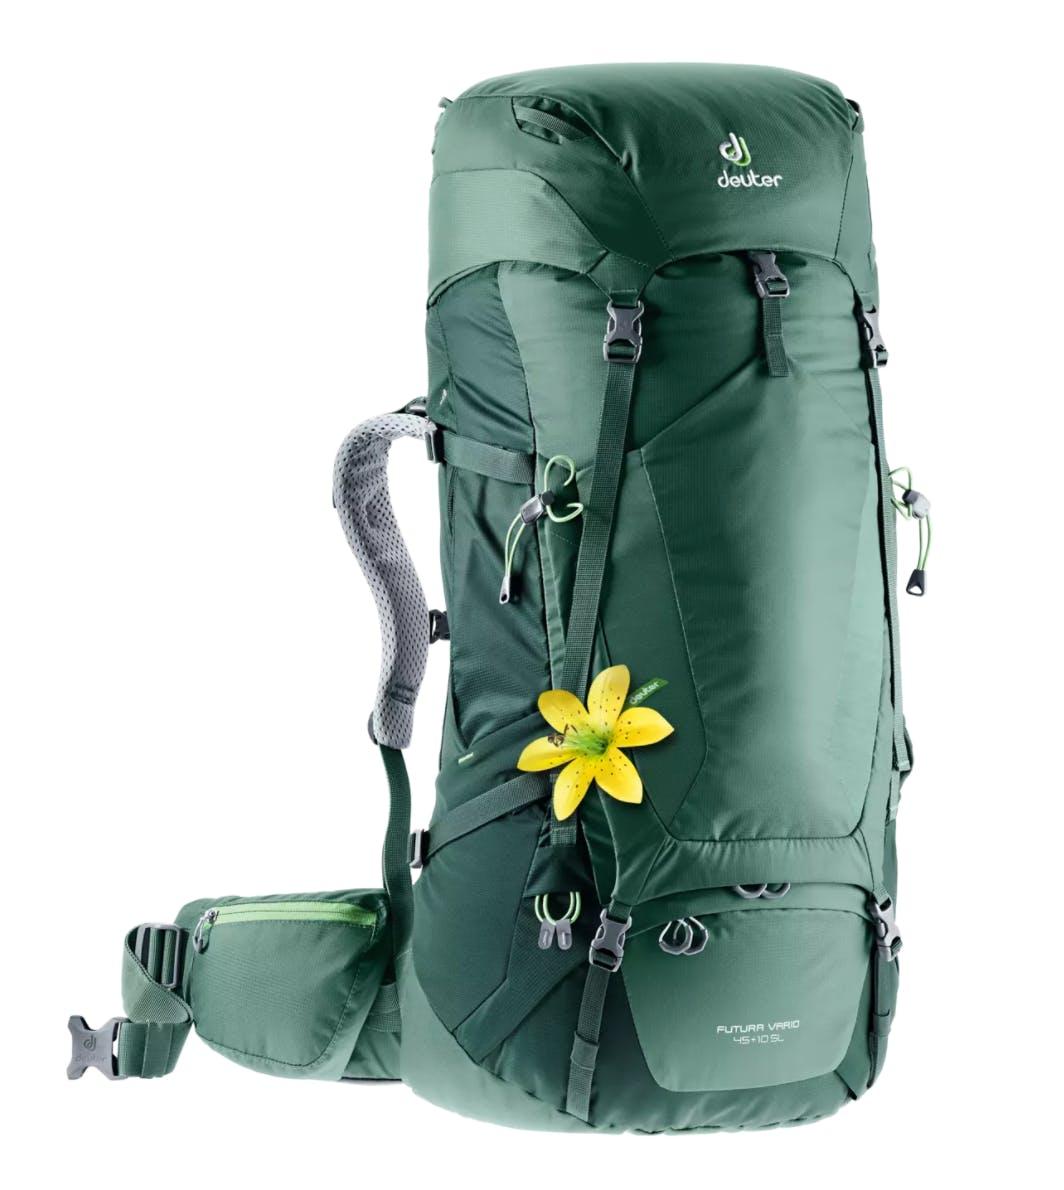 Deuter Futura Vario 45 + 10 SL Backpack